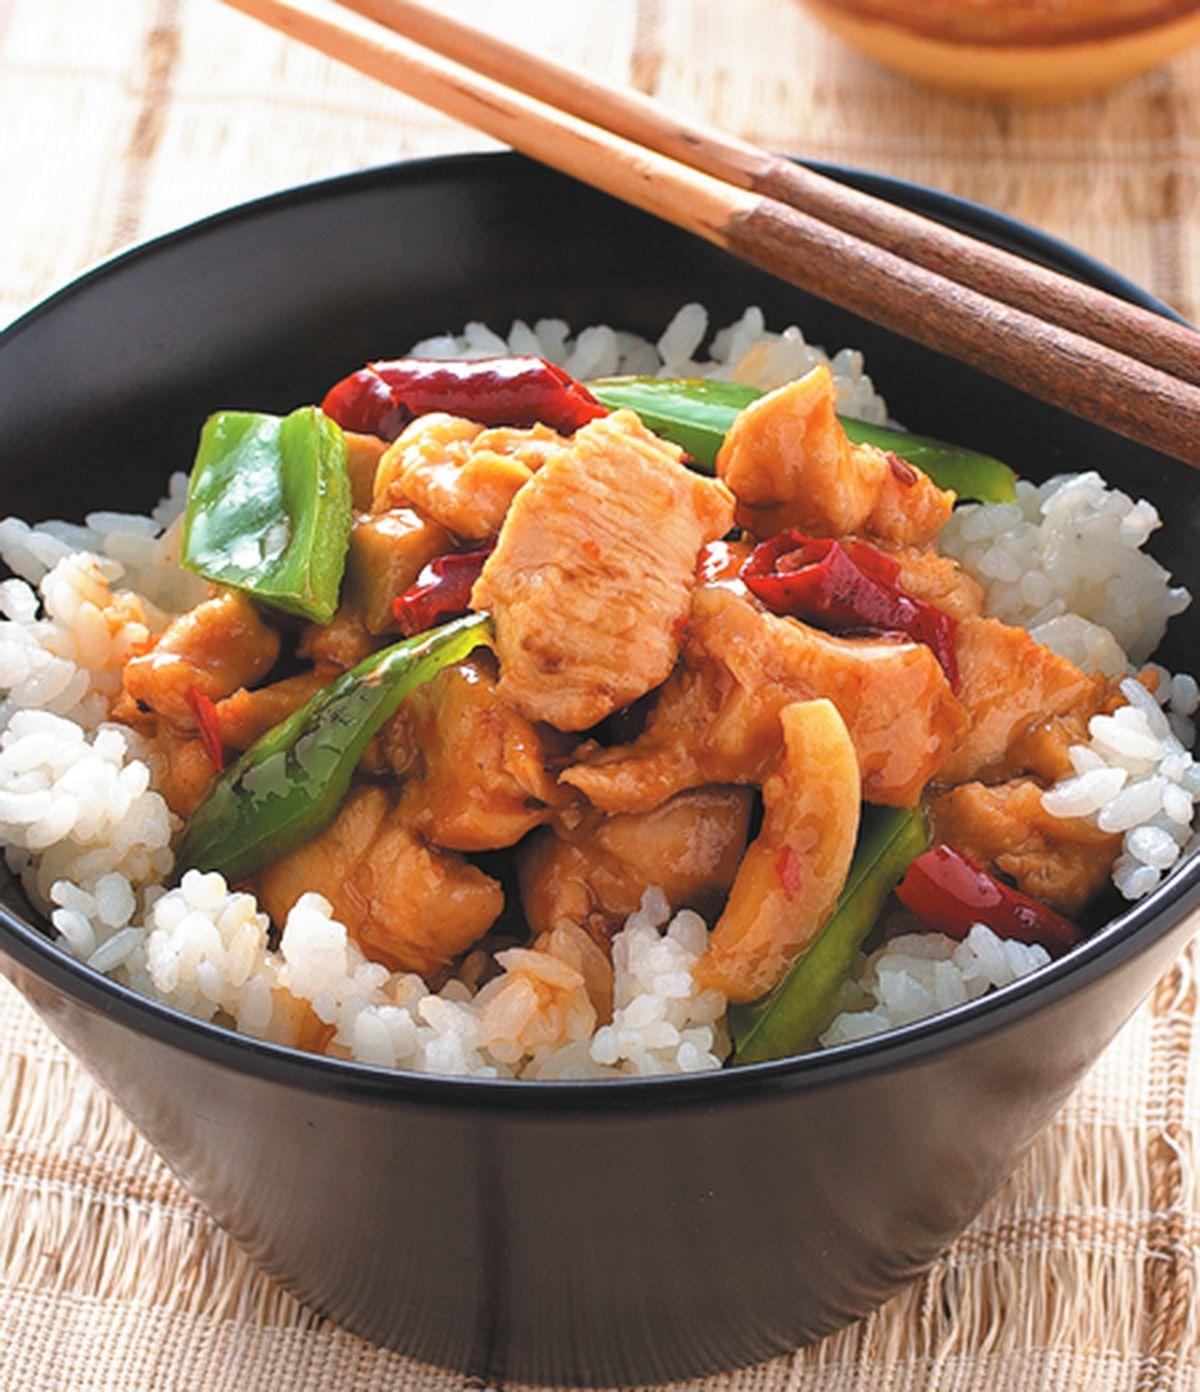 食譜:辣子雞丁蓋飯